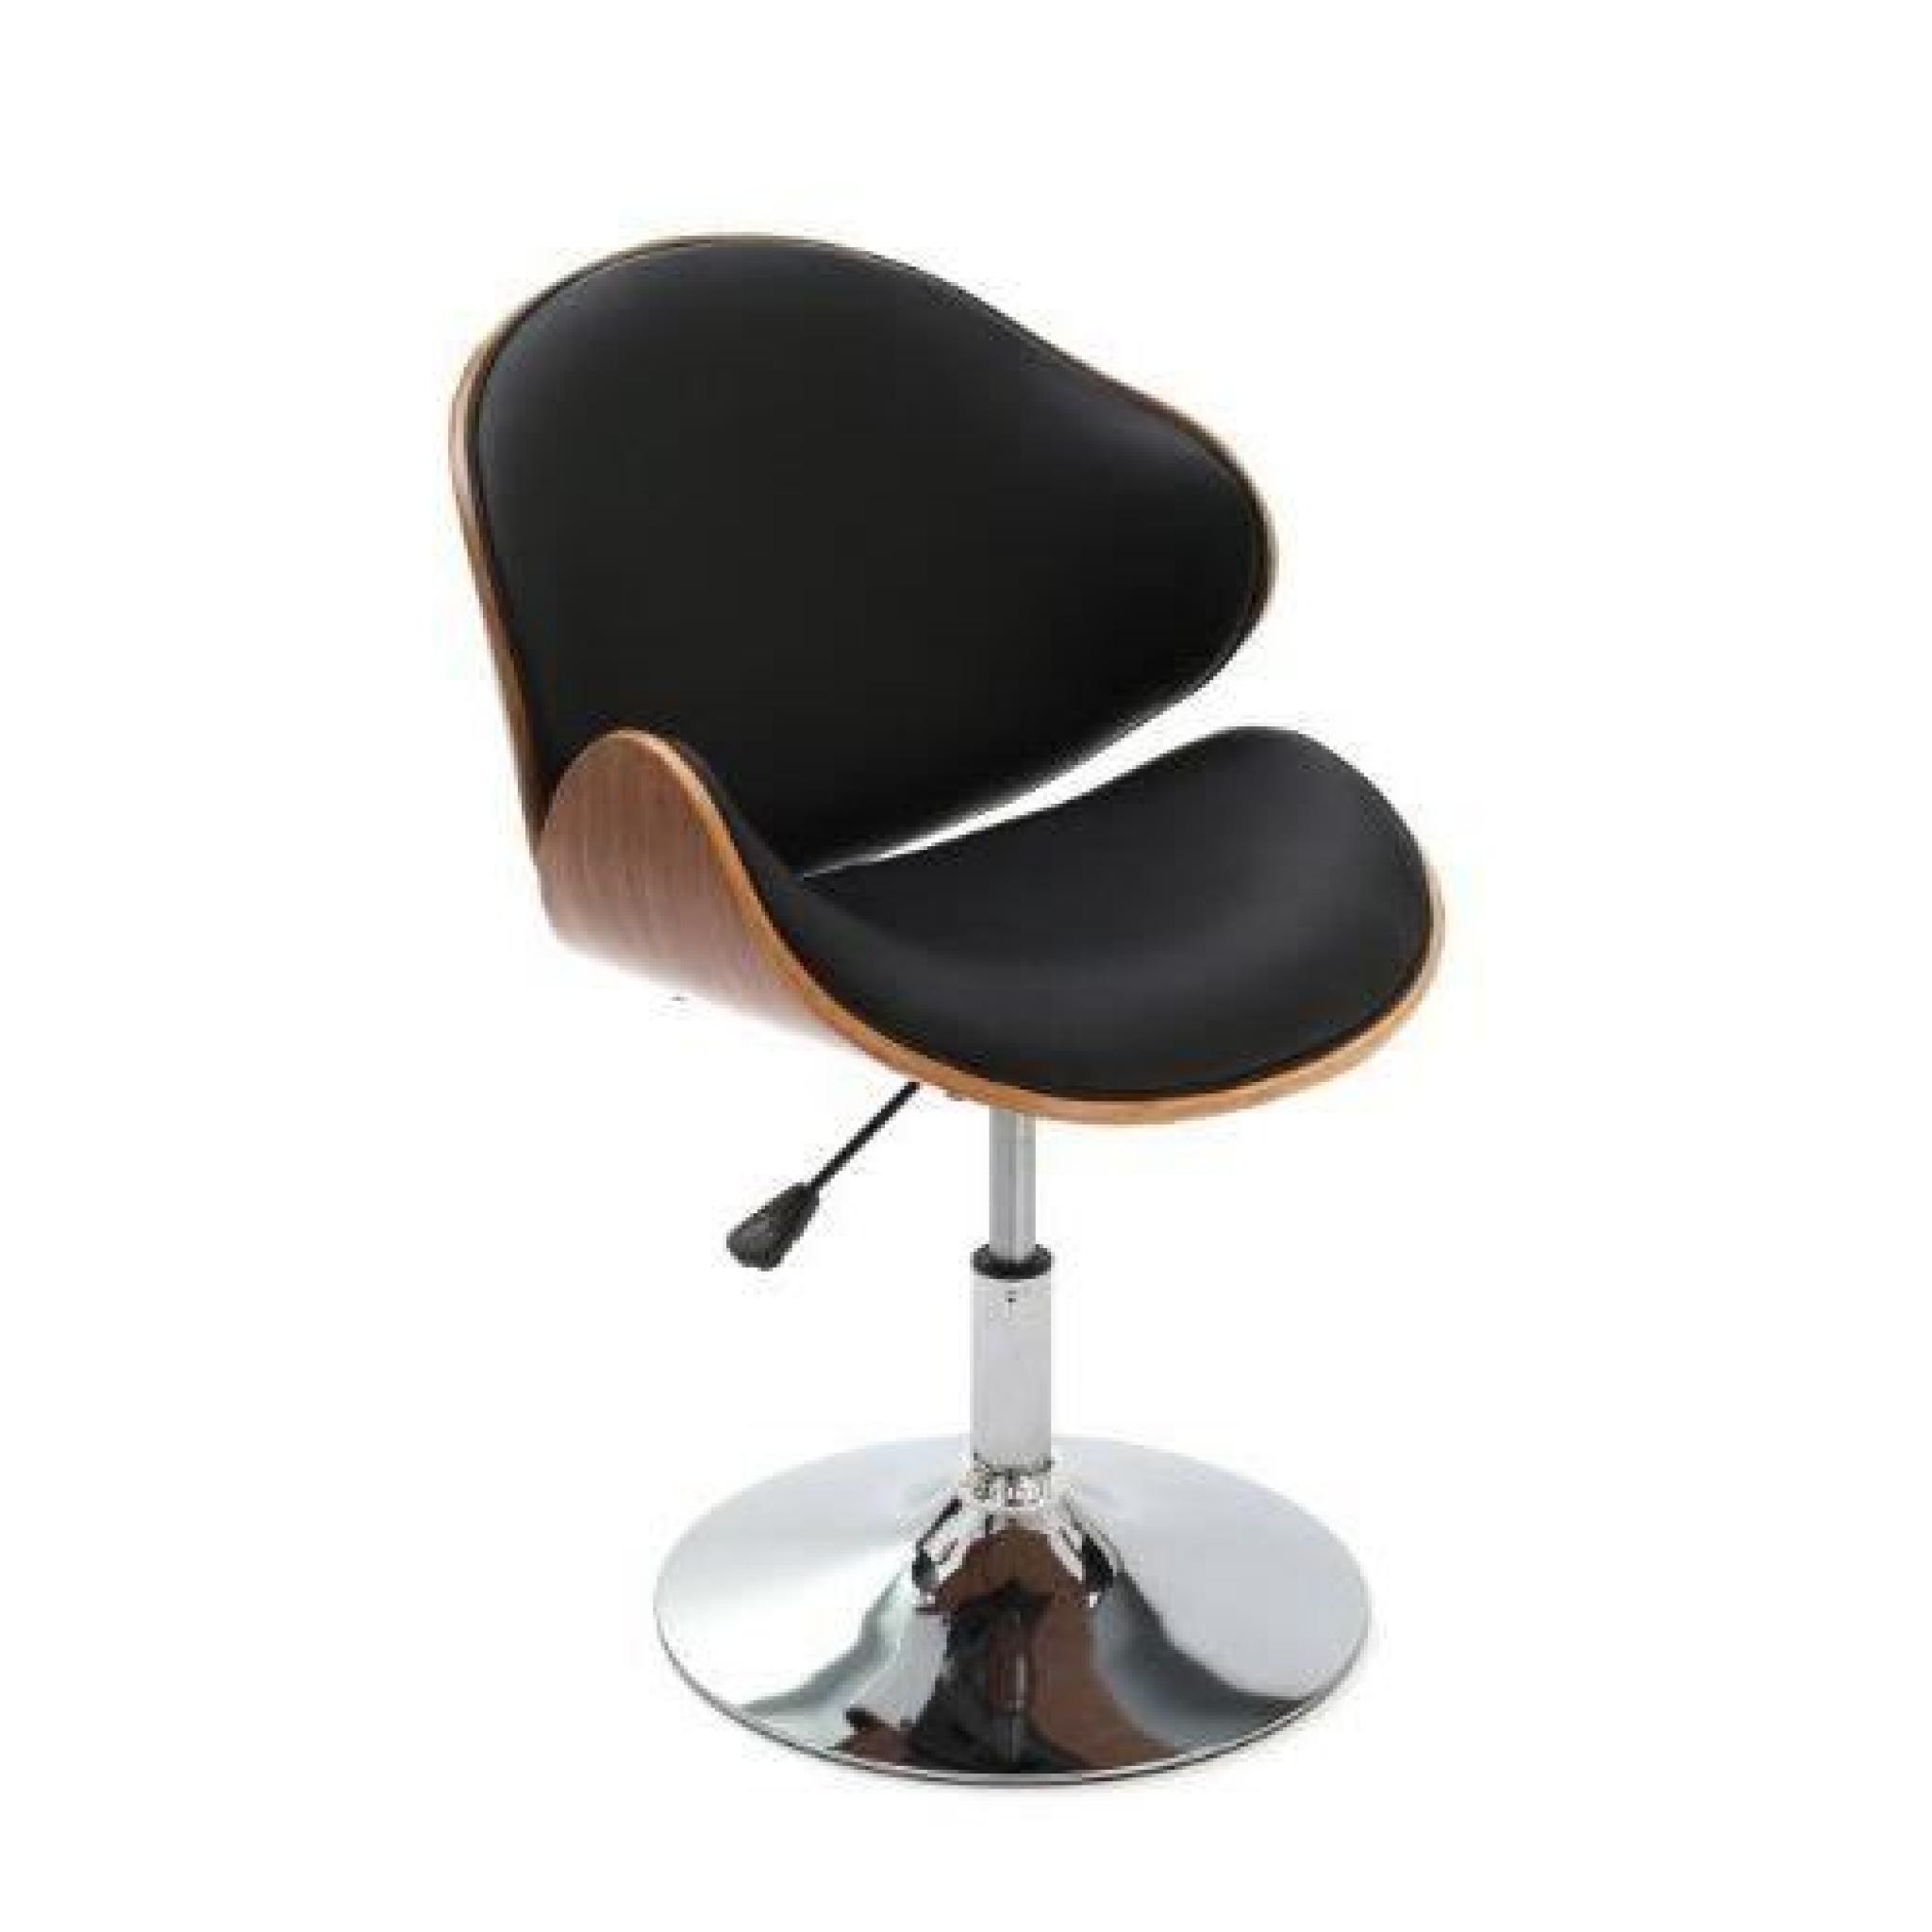 Premier housewares 2403156 chaise en placage de noyer effet cuir noir 52 x 55 - Chaise en cuir pas cher ...